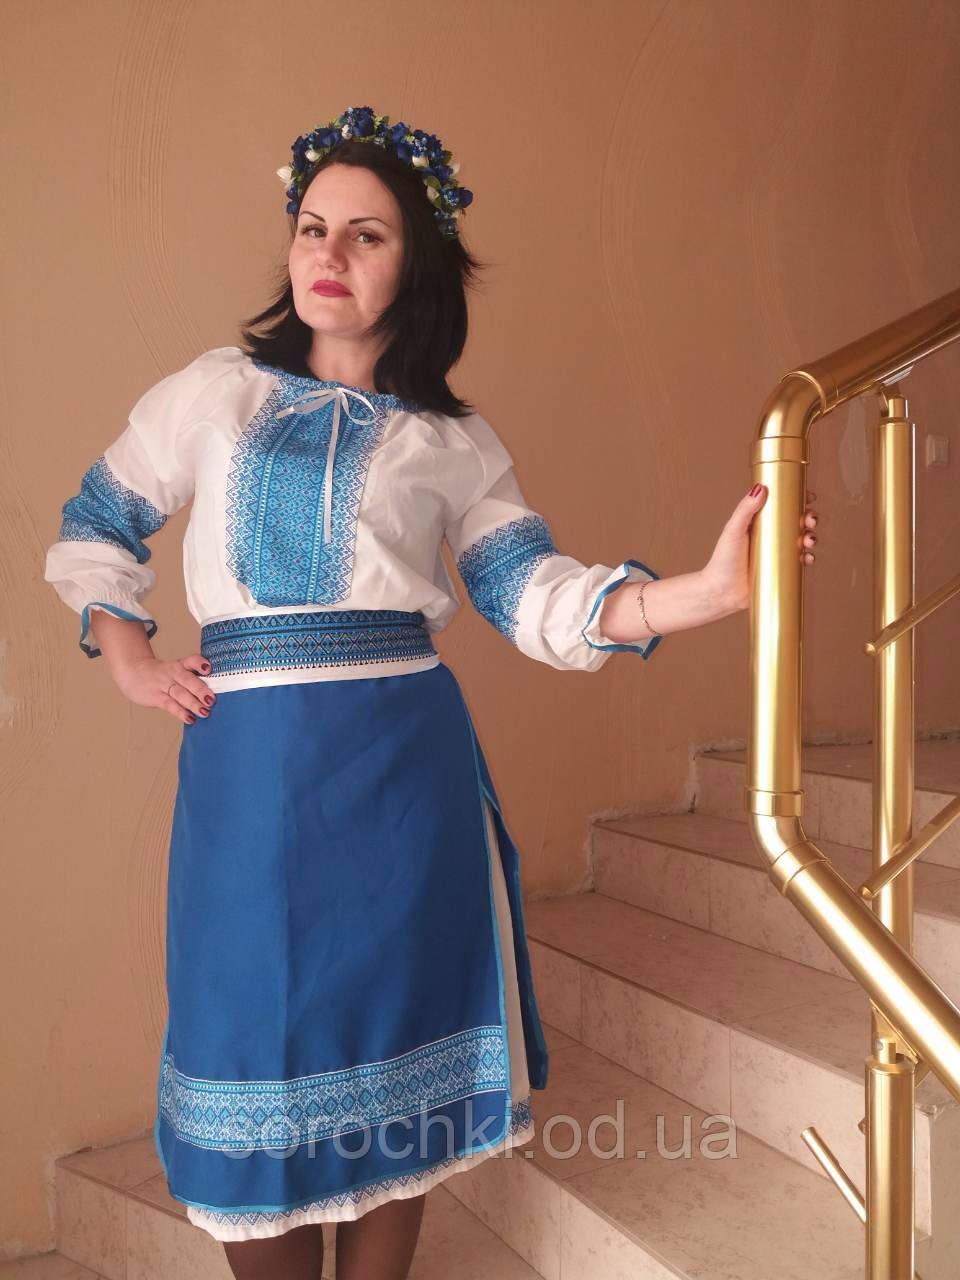 Украинский костюм, женский, блузка- вышиванка  ,поплин, юбка - плахта